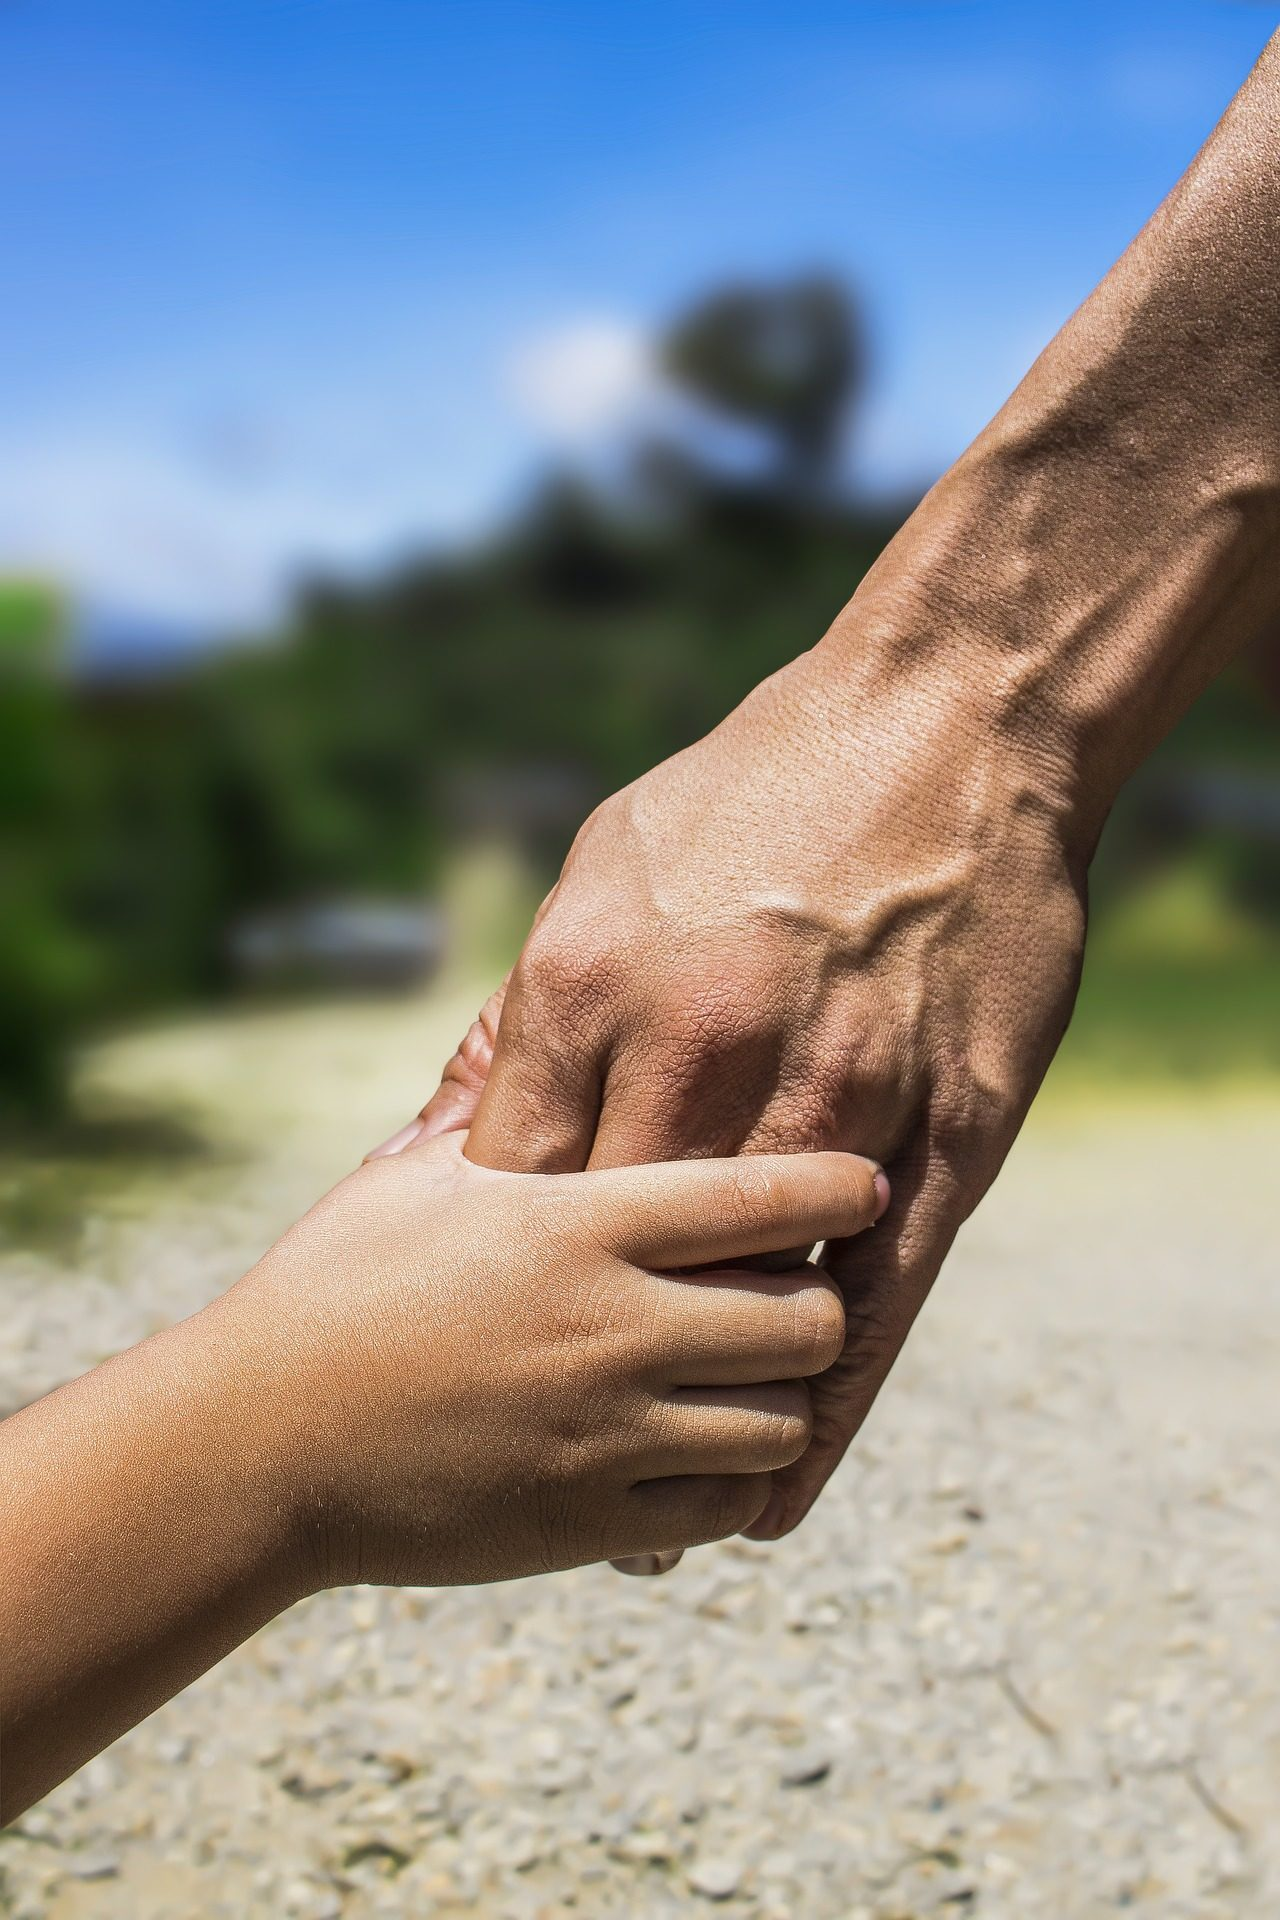 руки, человек, ребенок, отец, сын, Семья - Обои HD - Профессор falken.com